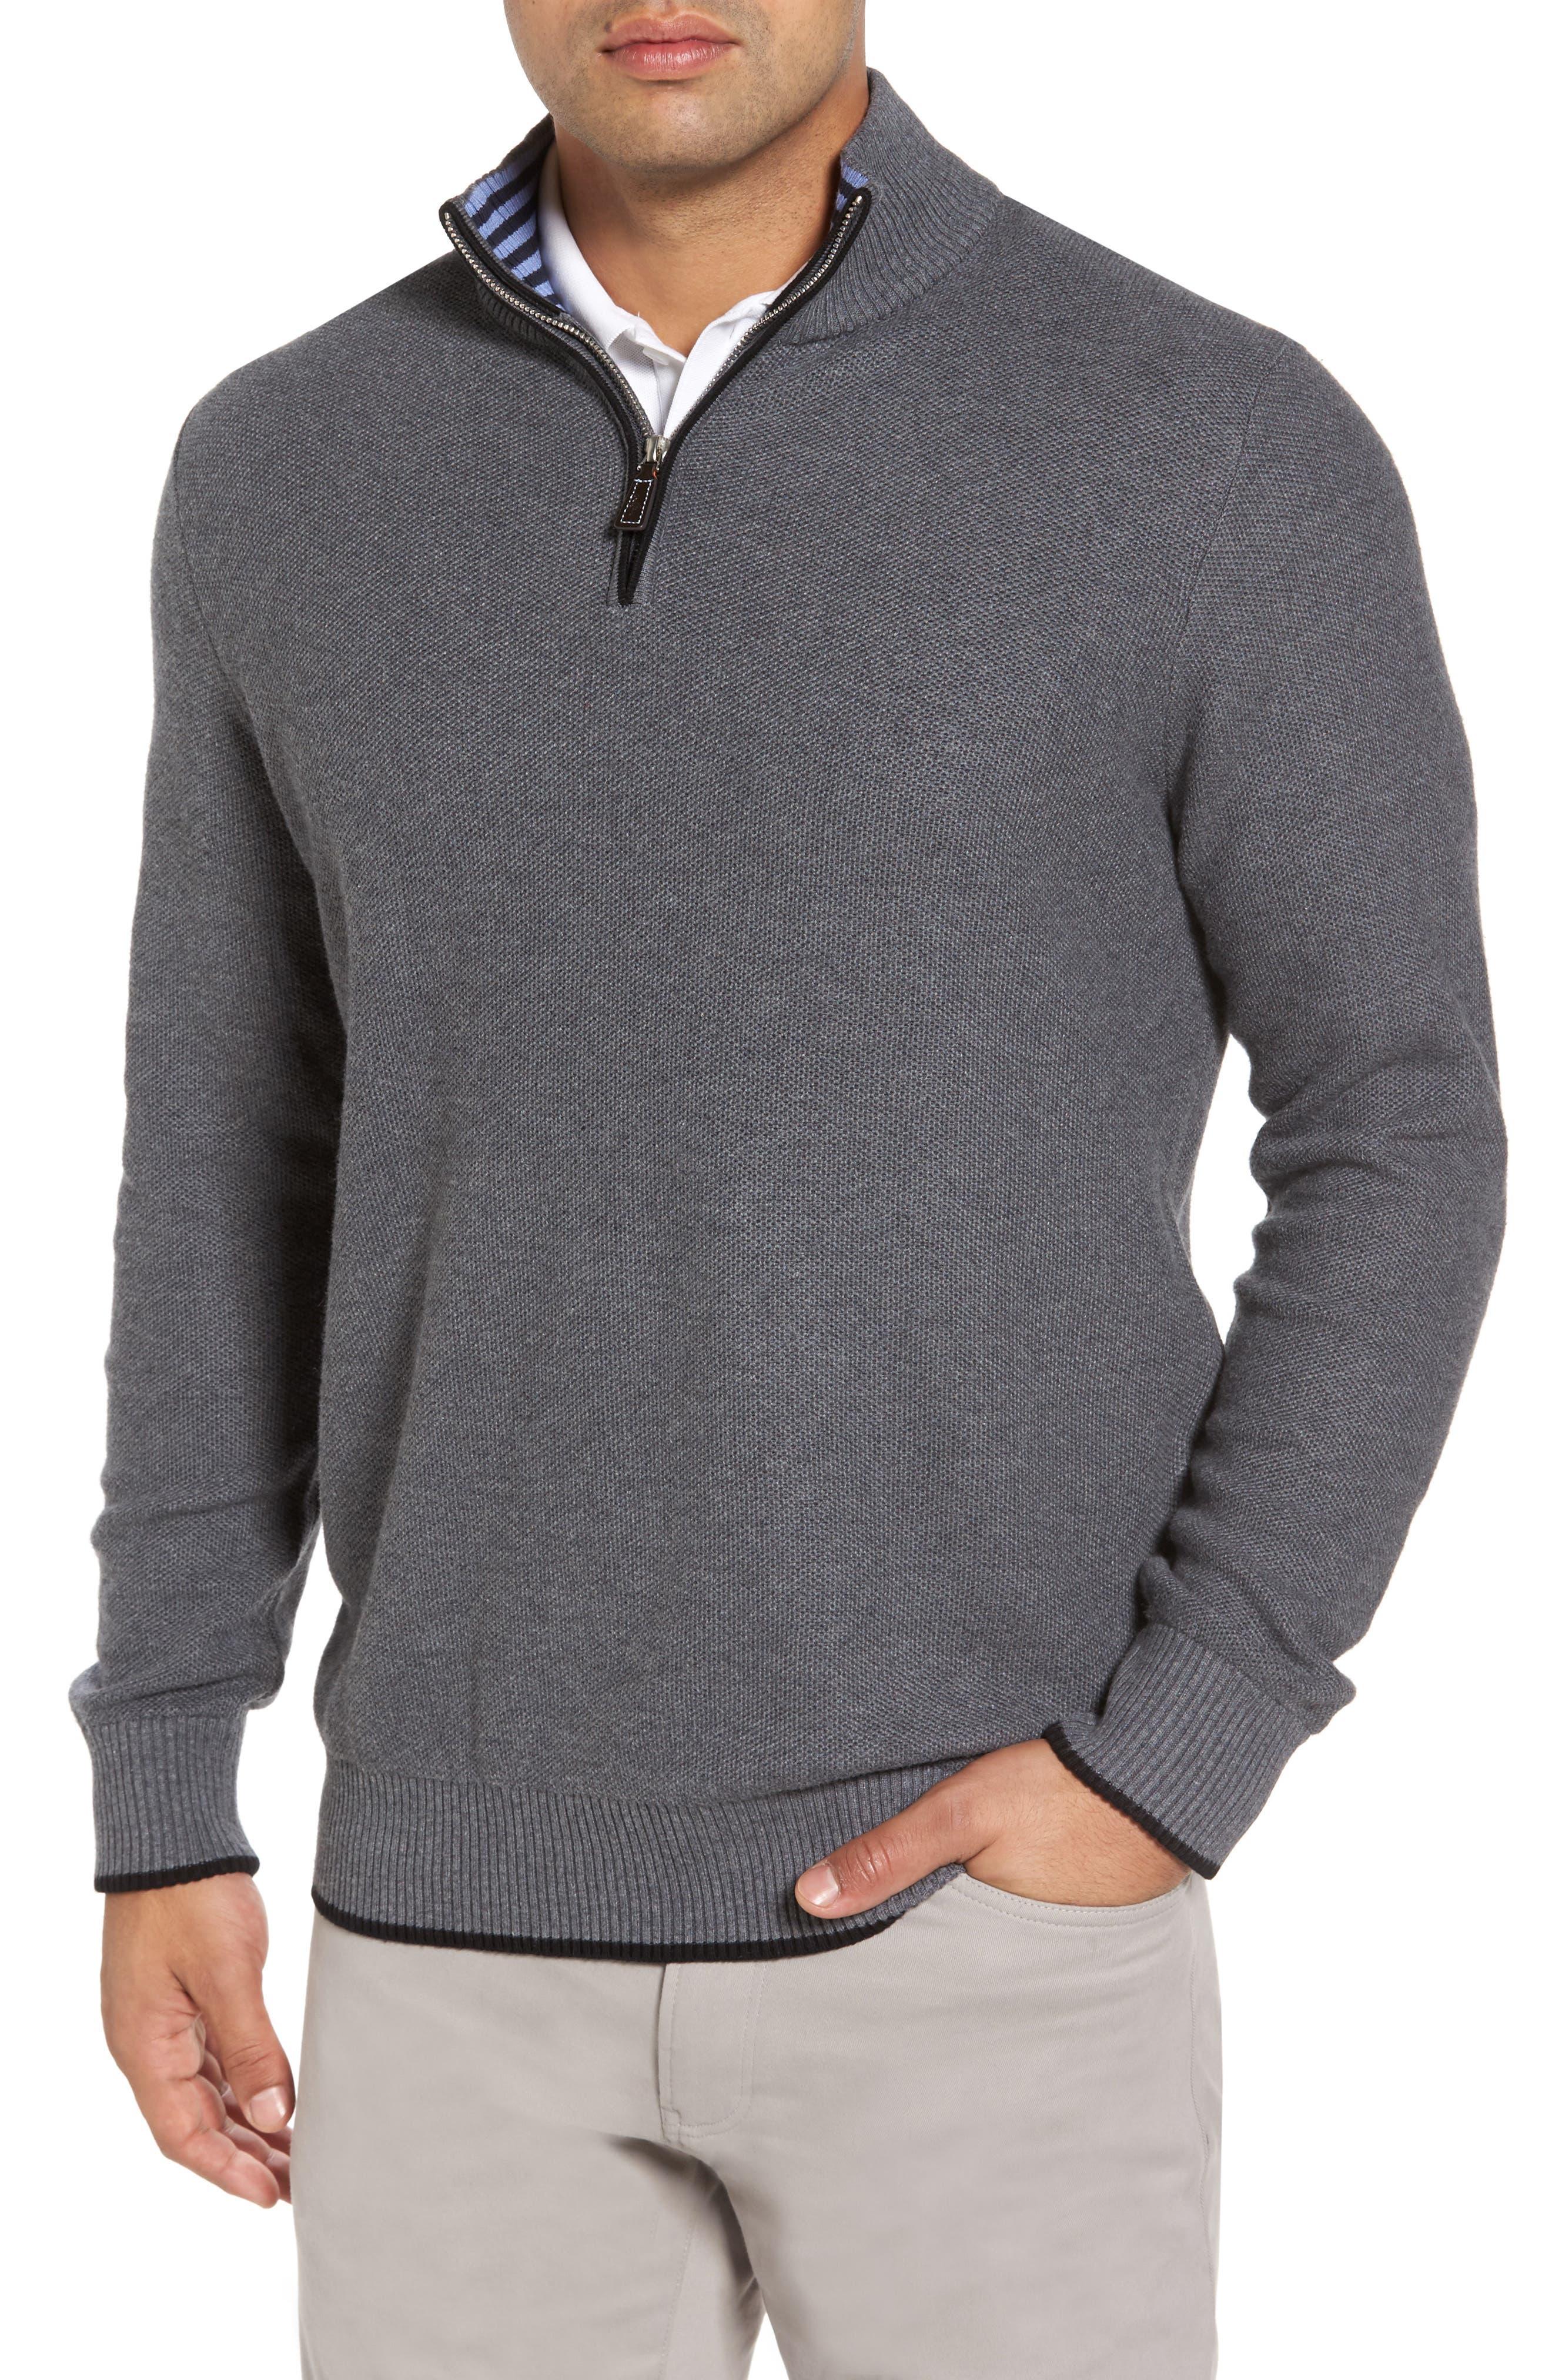 Main Image - TailorByrd Kinder Quarter Zip Pullover